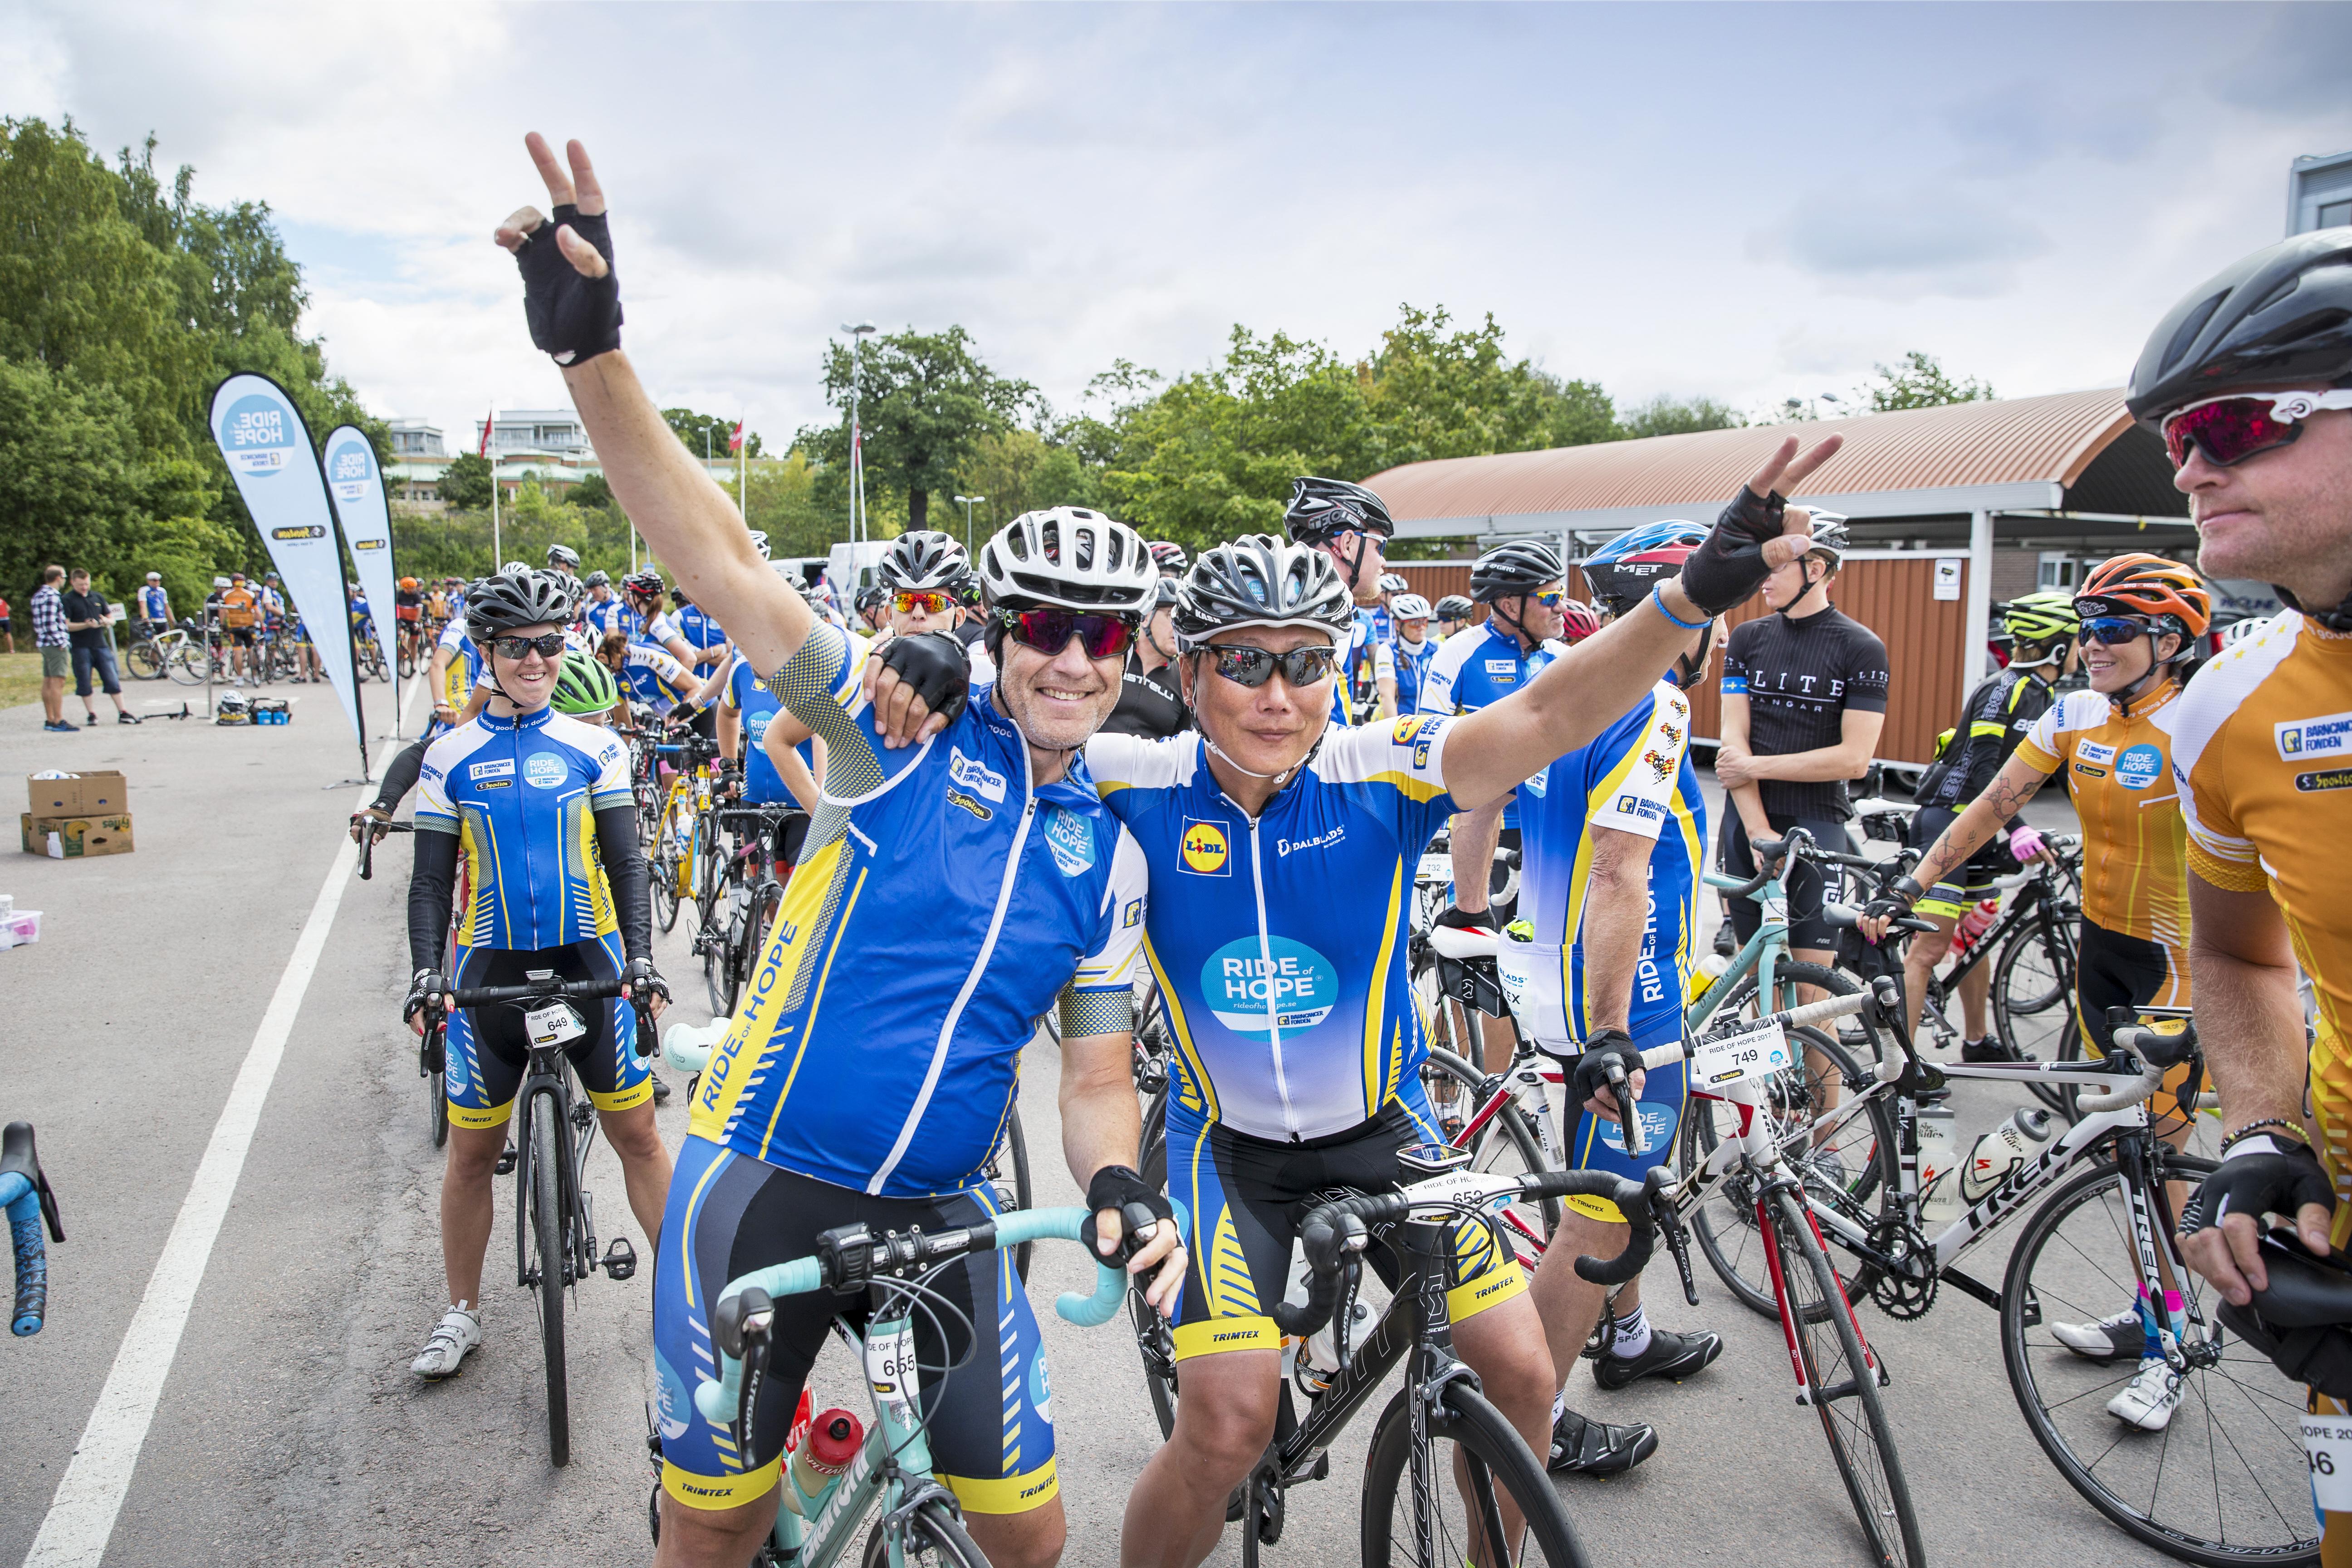 Cyklister från Barncancerfondens lopp Ride of Hope, sommaren 2017. Foto: Magnus Glans